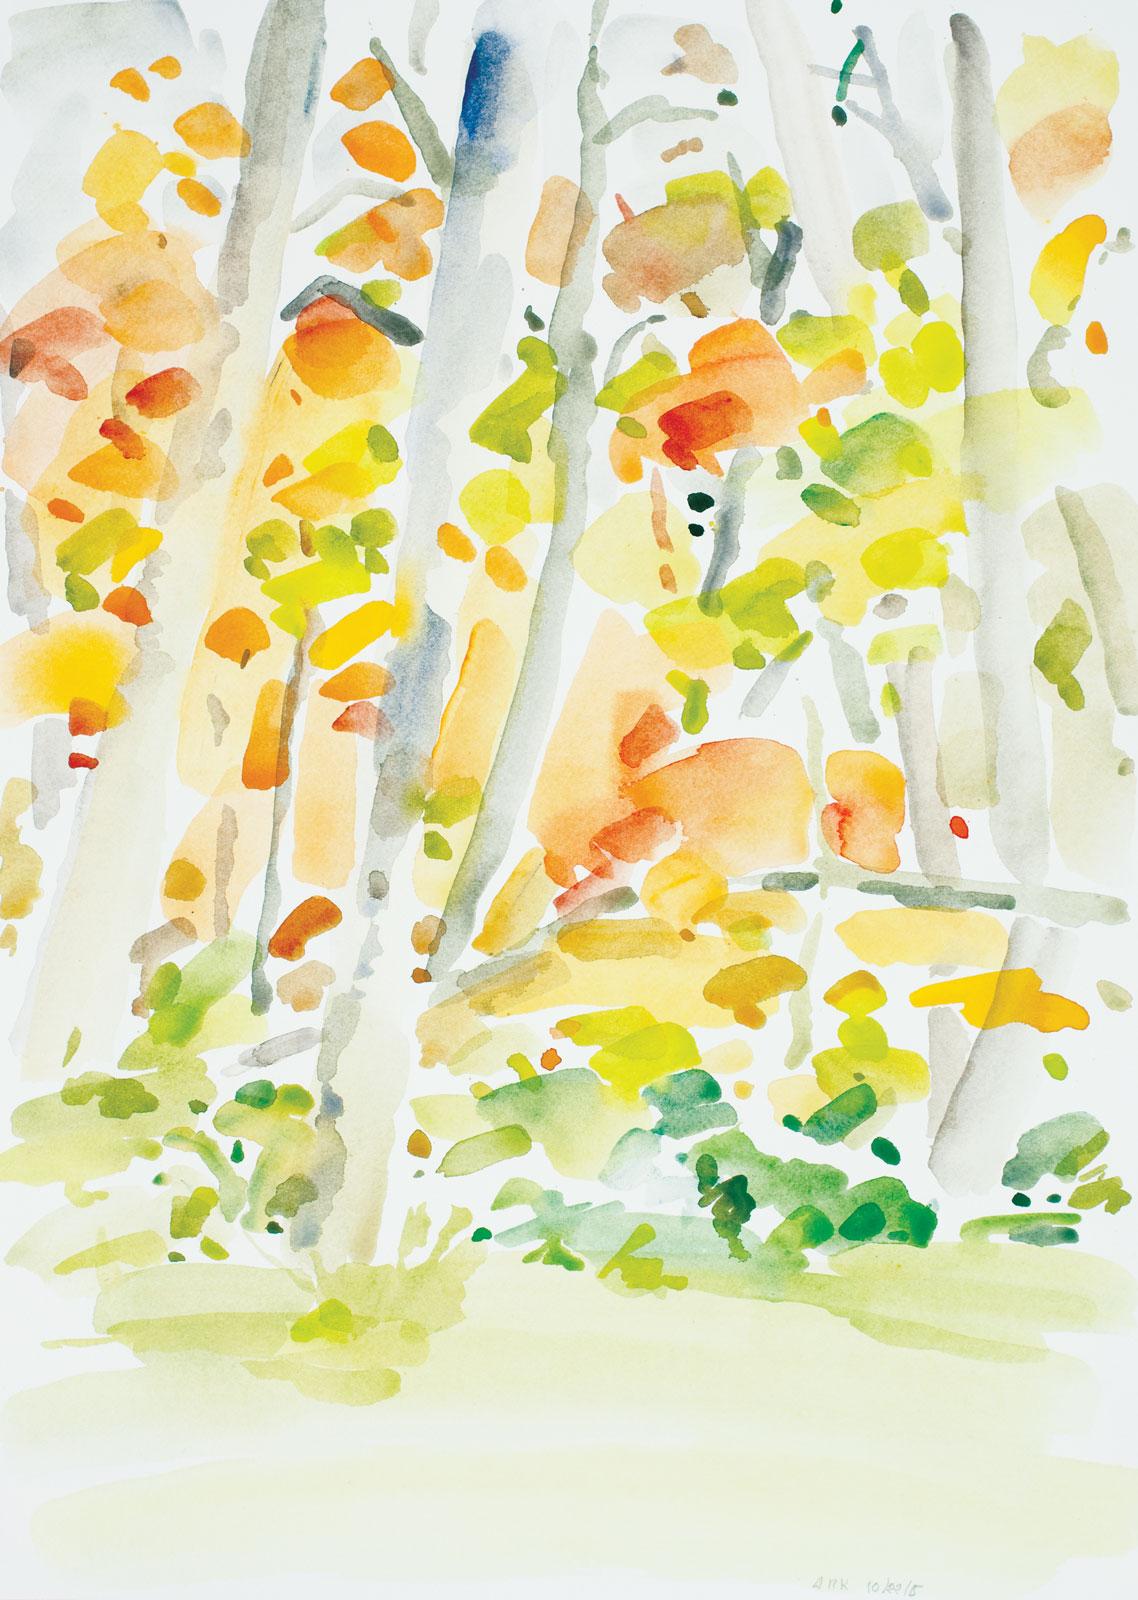 Backyard-Autumn-102215-20x14